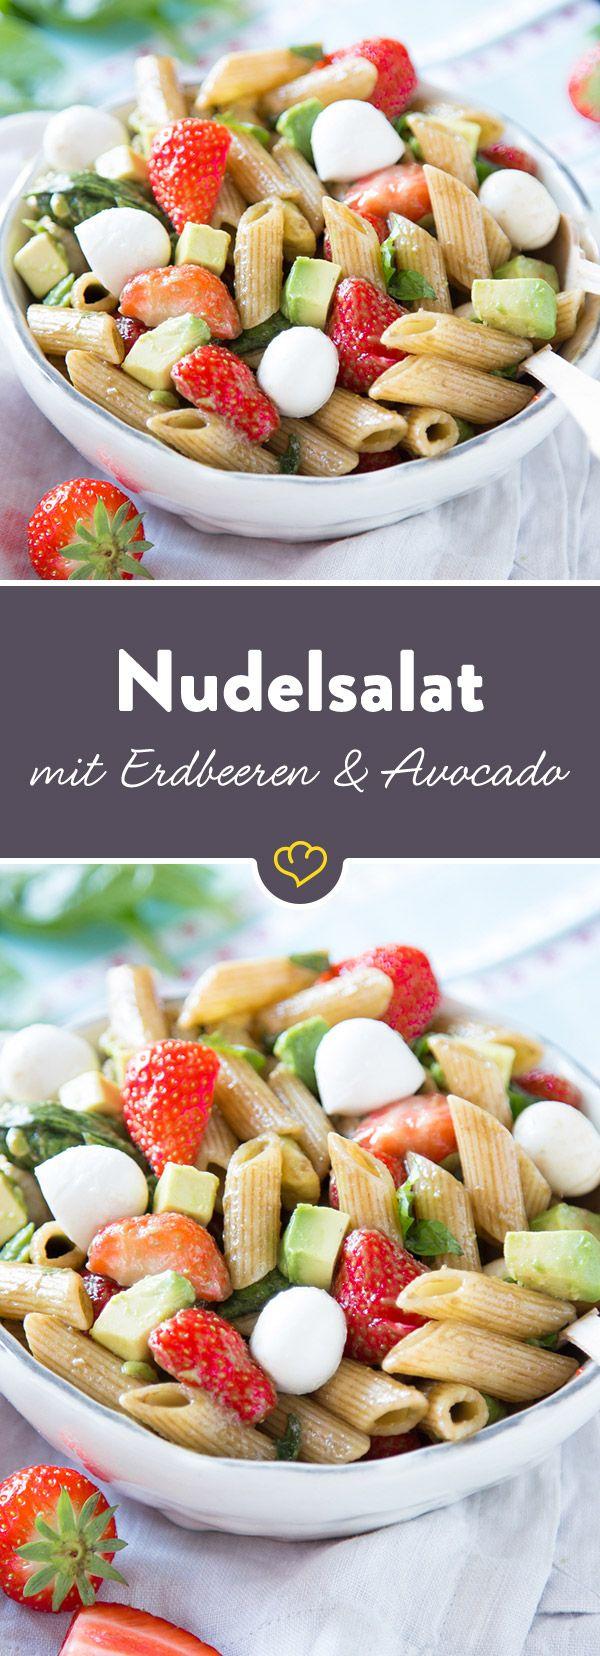 Jeder liebt Erdbeeren. Und jeder liebt Caprese. Also Erdbeeren mit Mozzarella, Penne und Avocado zu einem fruchtigen Nudelsalat verwandeln.